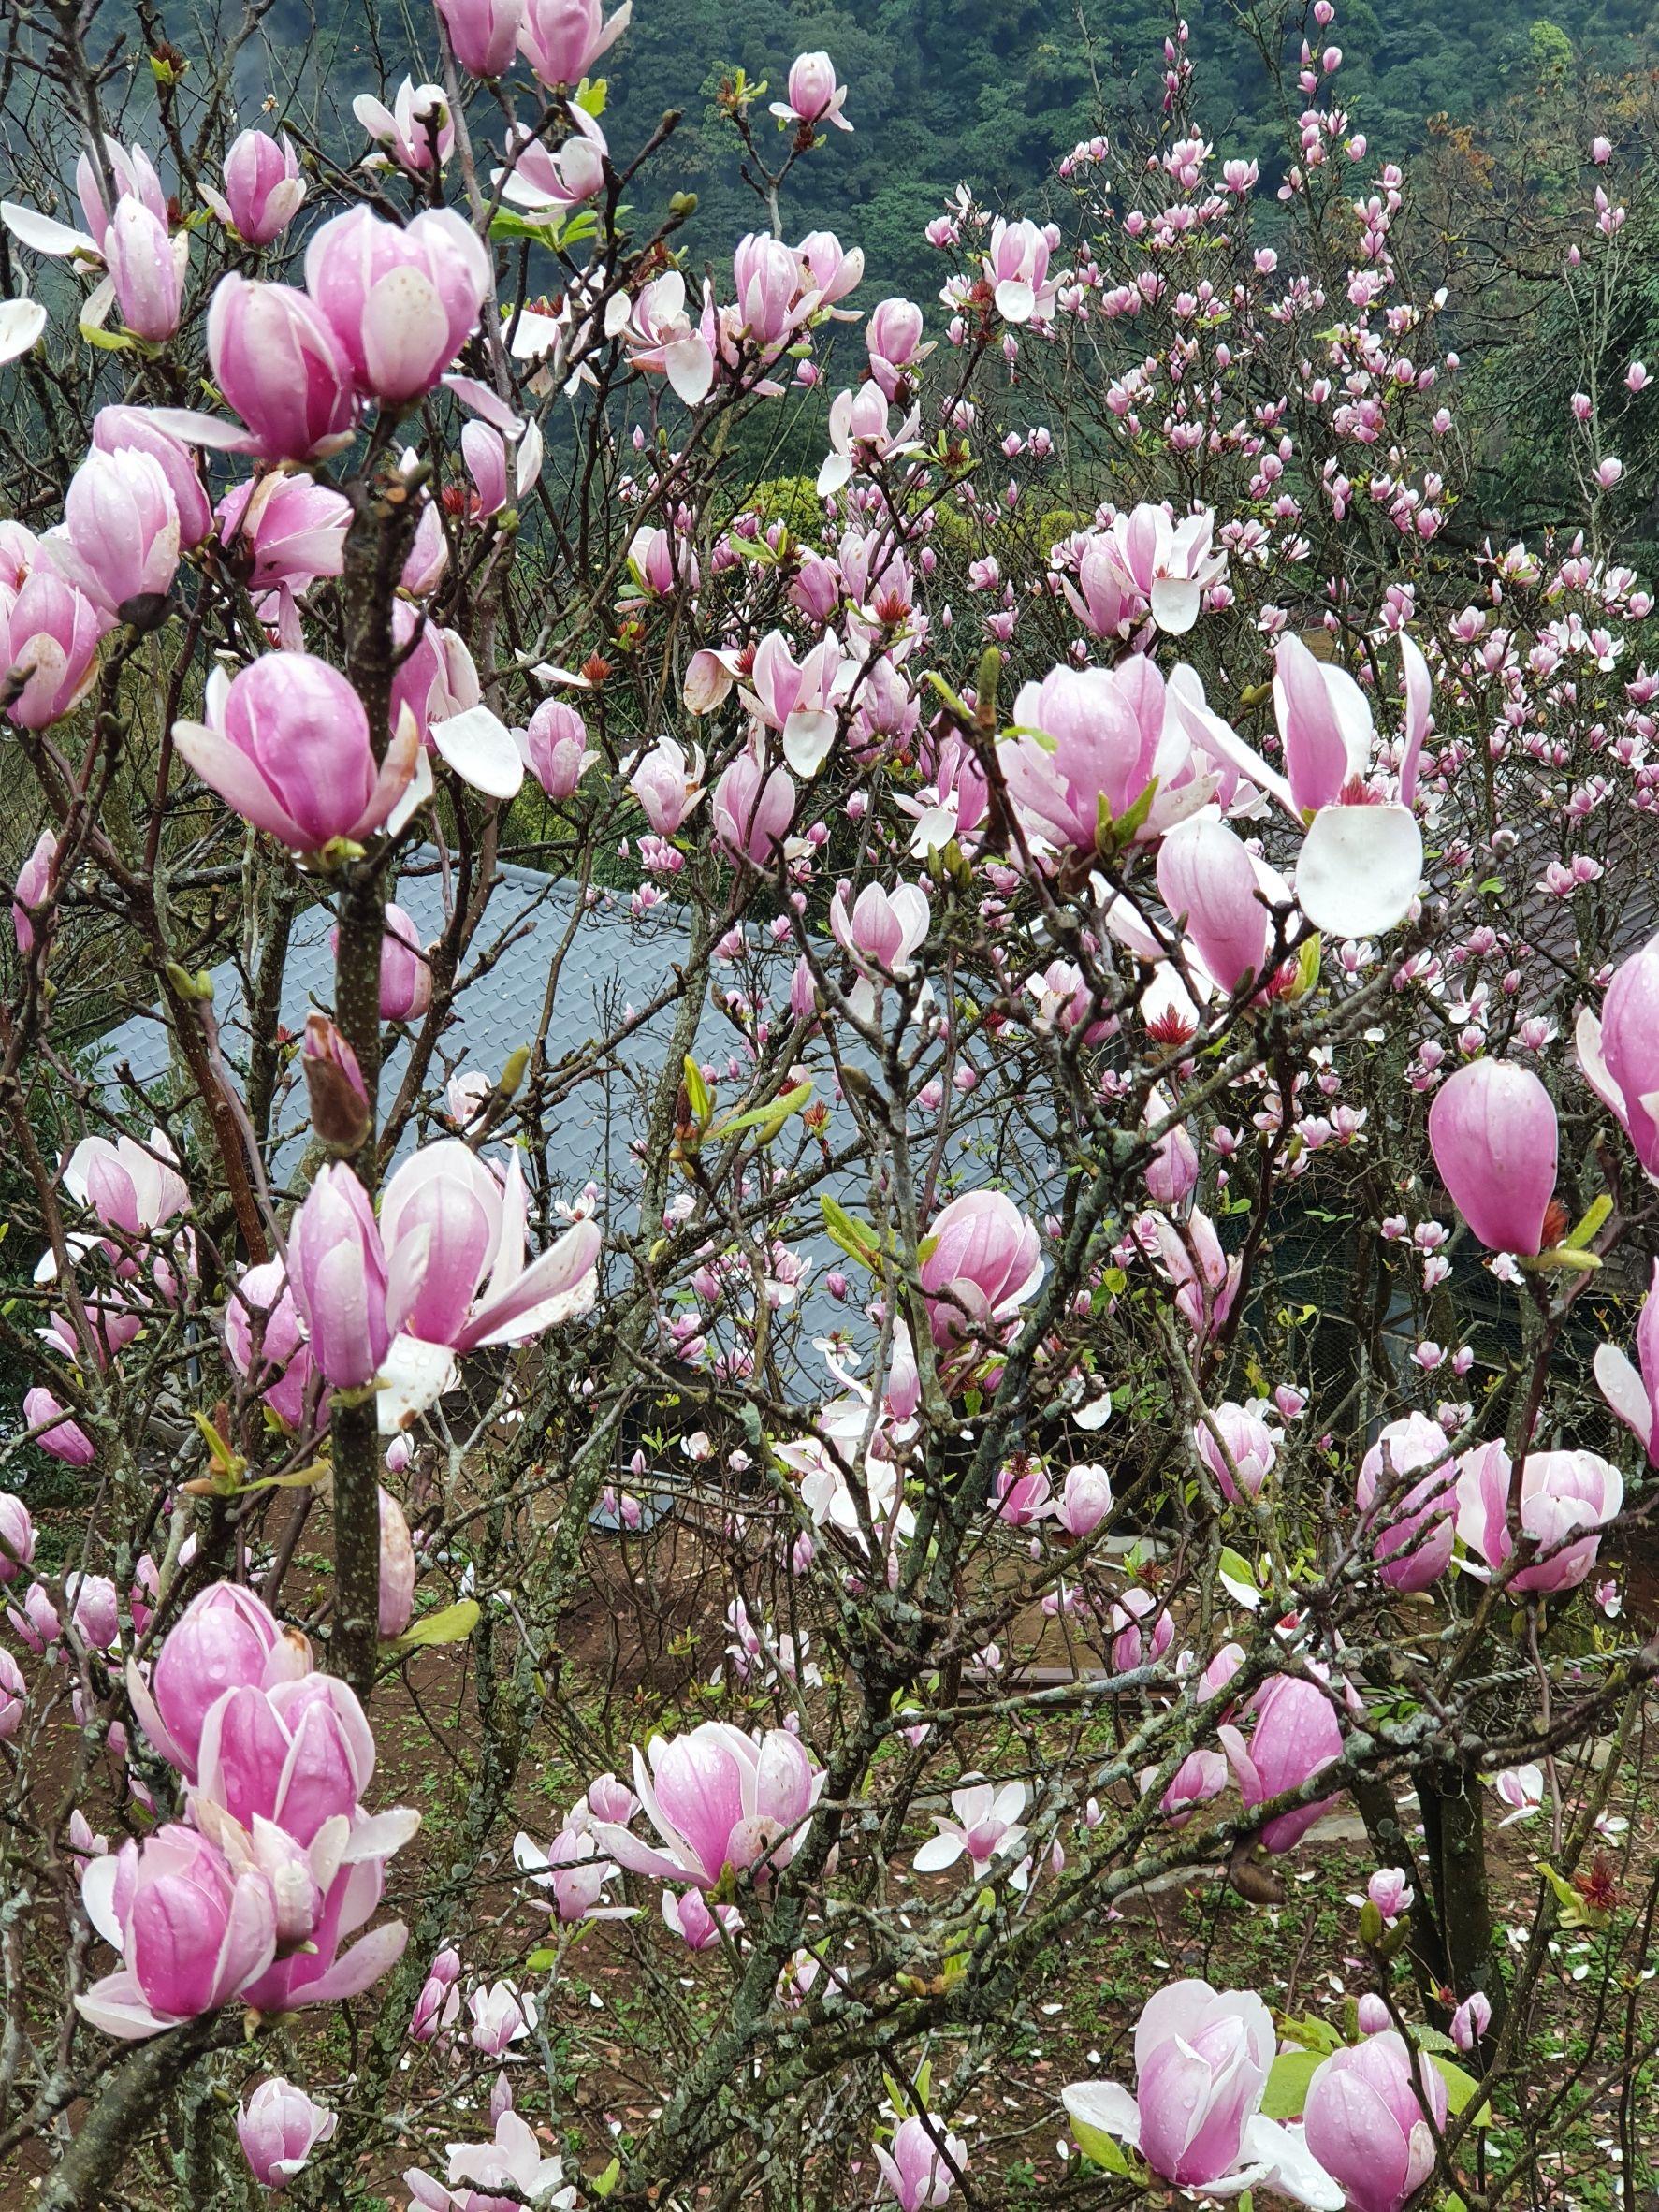 楓樹湖木蓮花花況(圖片來源:新北市政府)